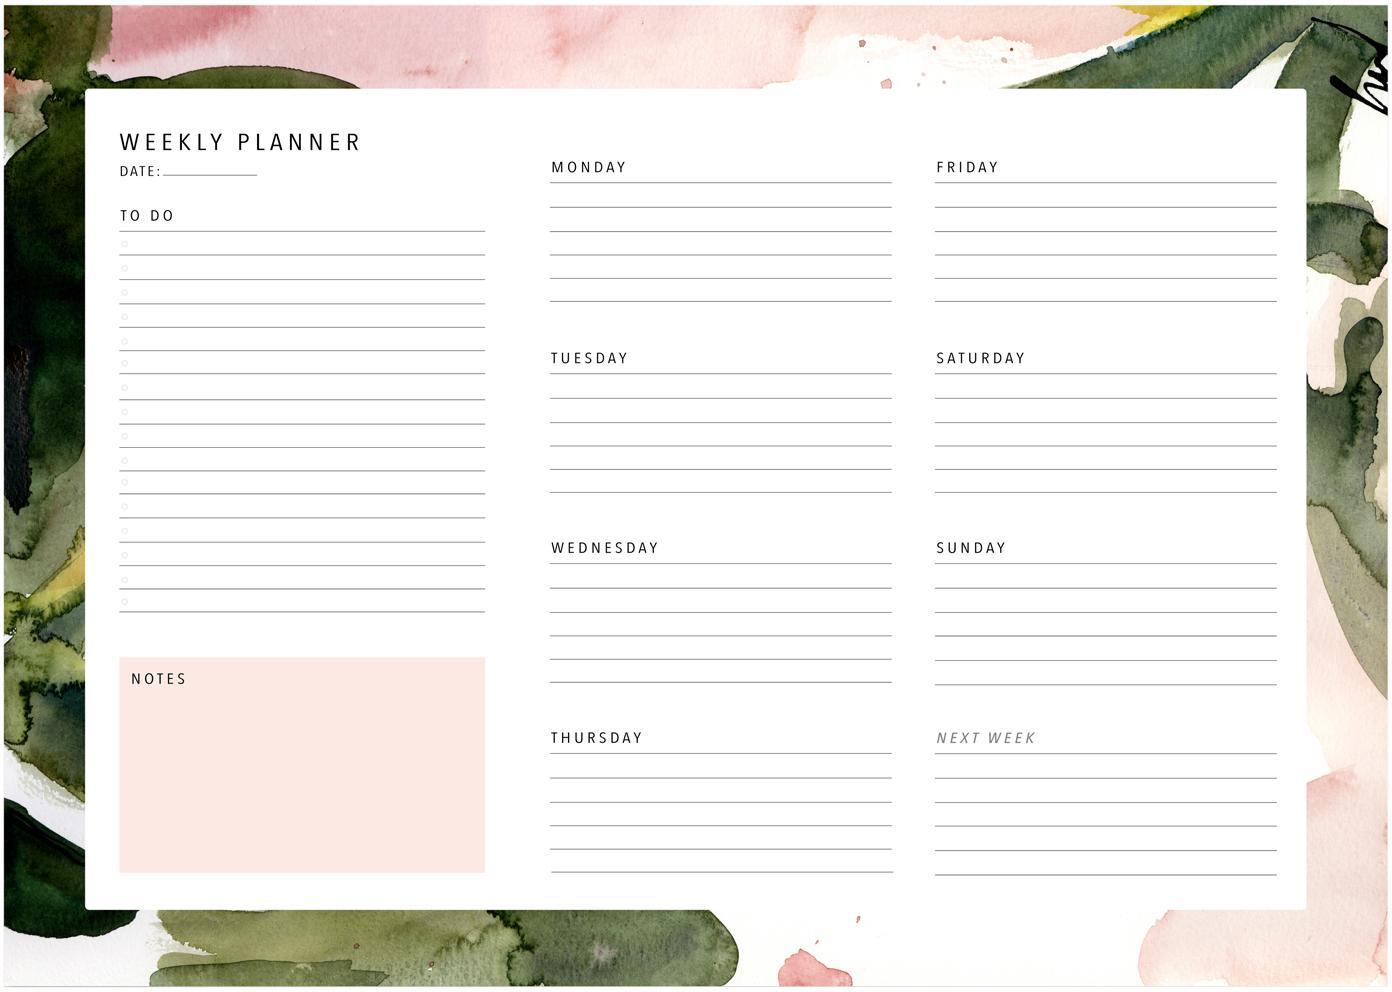 Wochenplaner Floral Colours, Papier, Rosa, Grün, Weiss, 30 x 21 cm